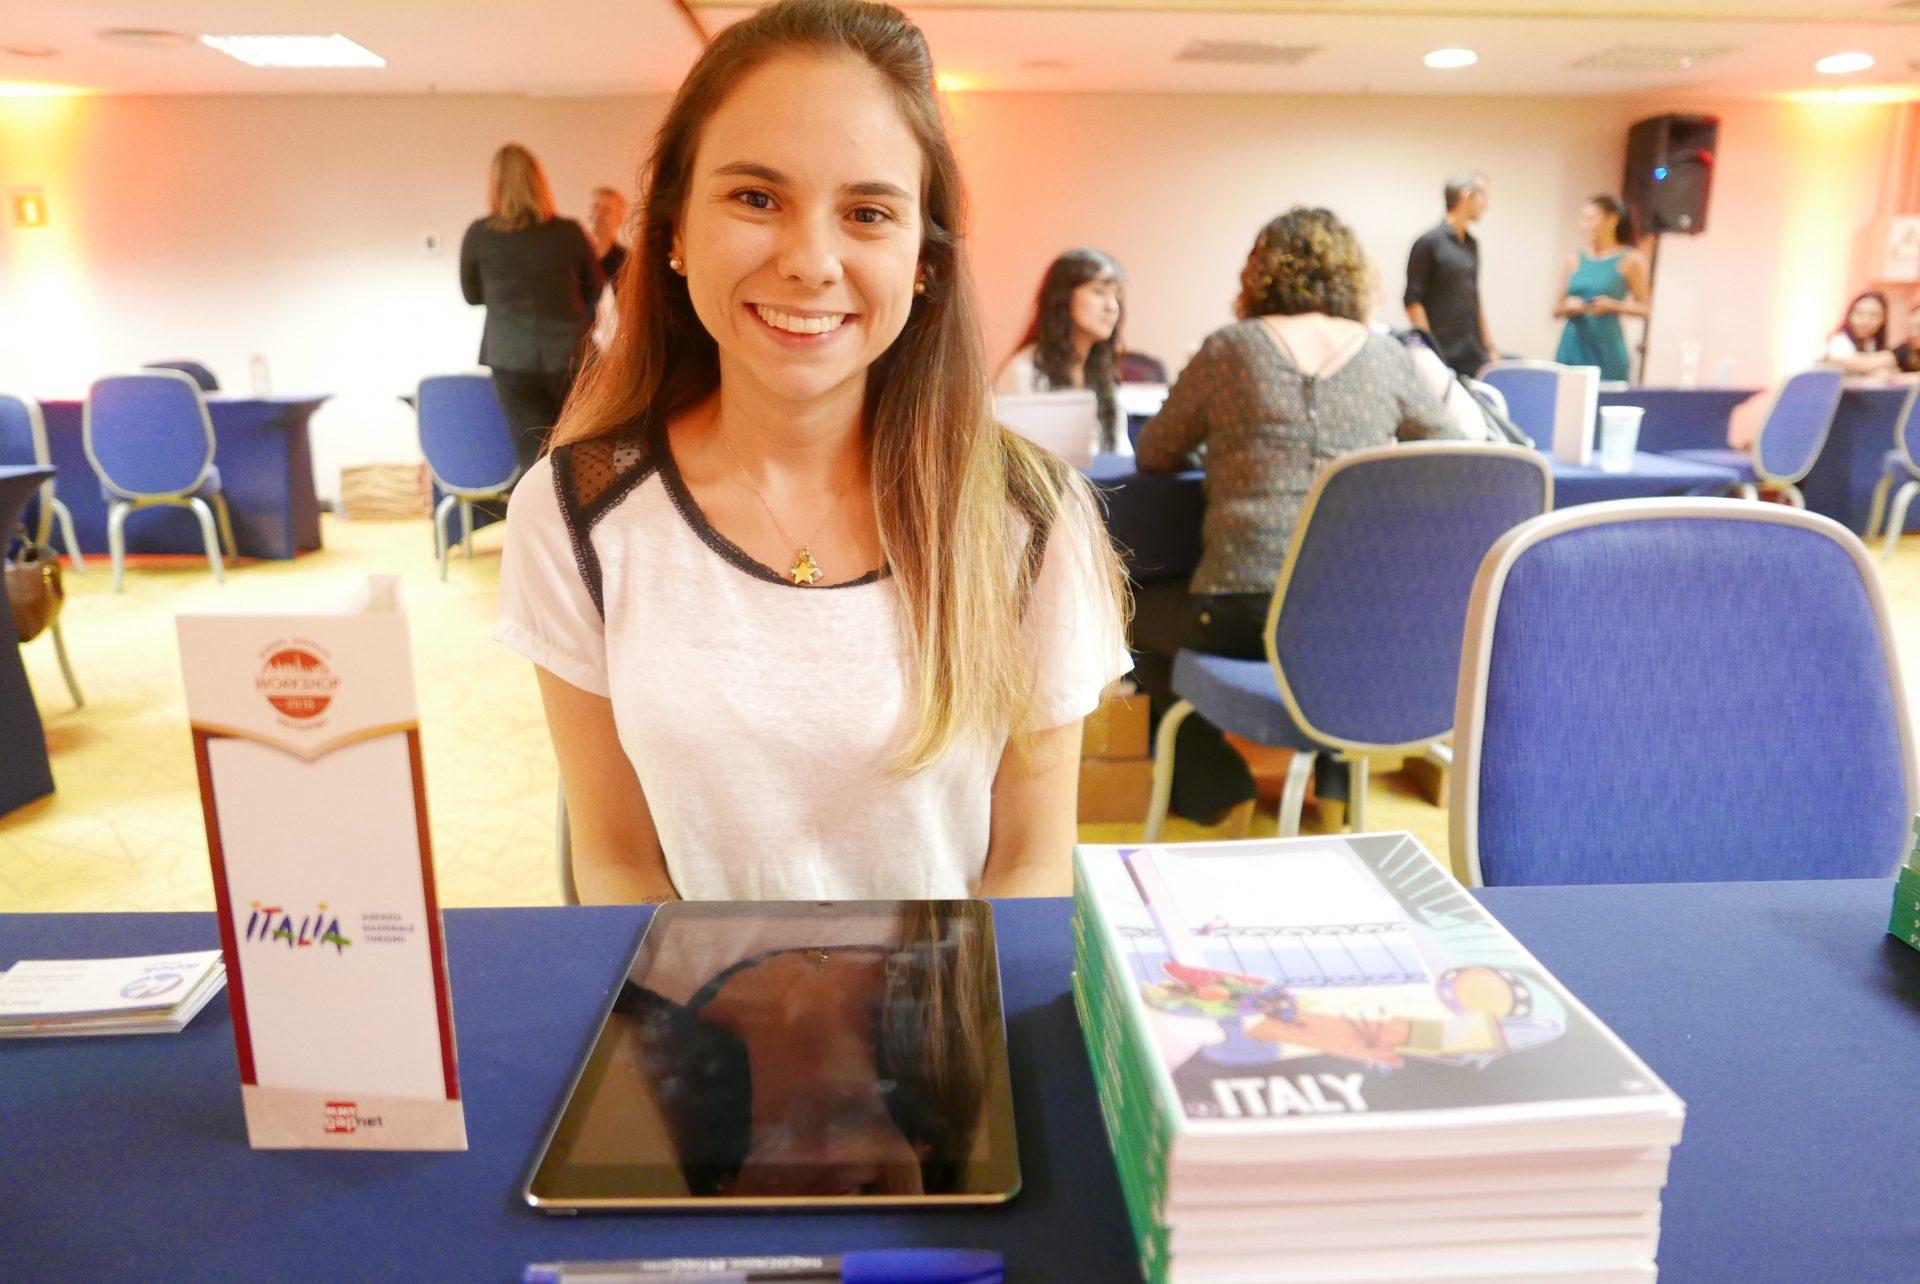 Carolina Pellegrini, da Enit, agência nacional do turismo italiano